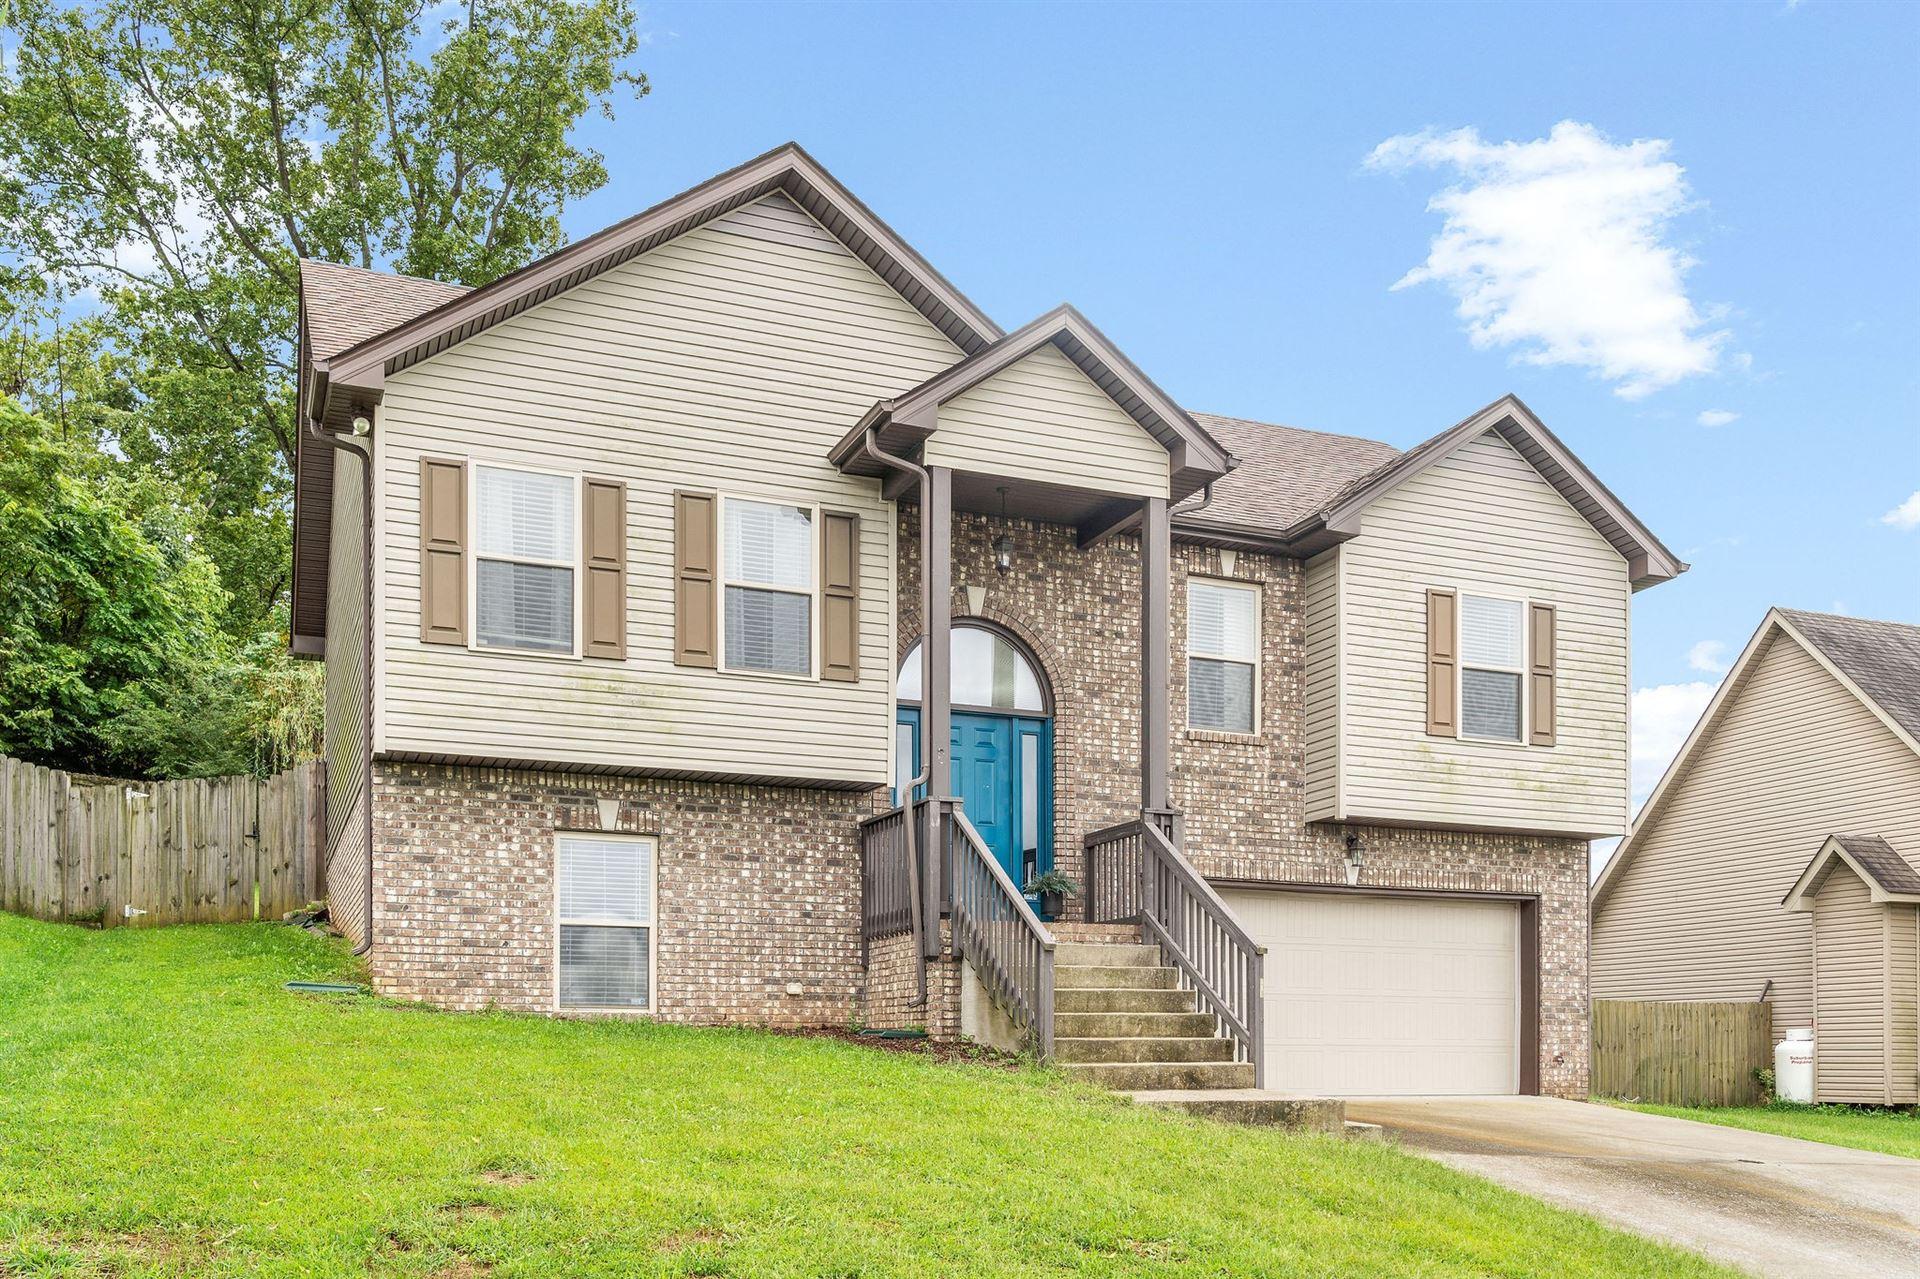 717 Arrowfield Dr, Clarksville, TN 37042 - MLS#: 2293163